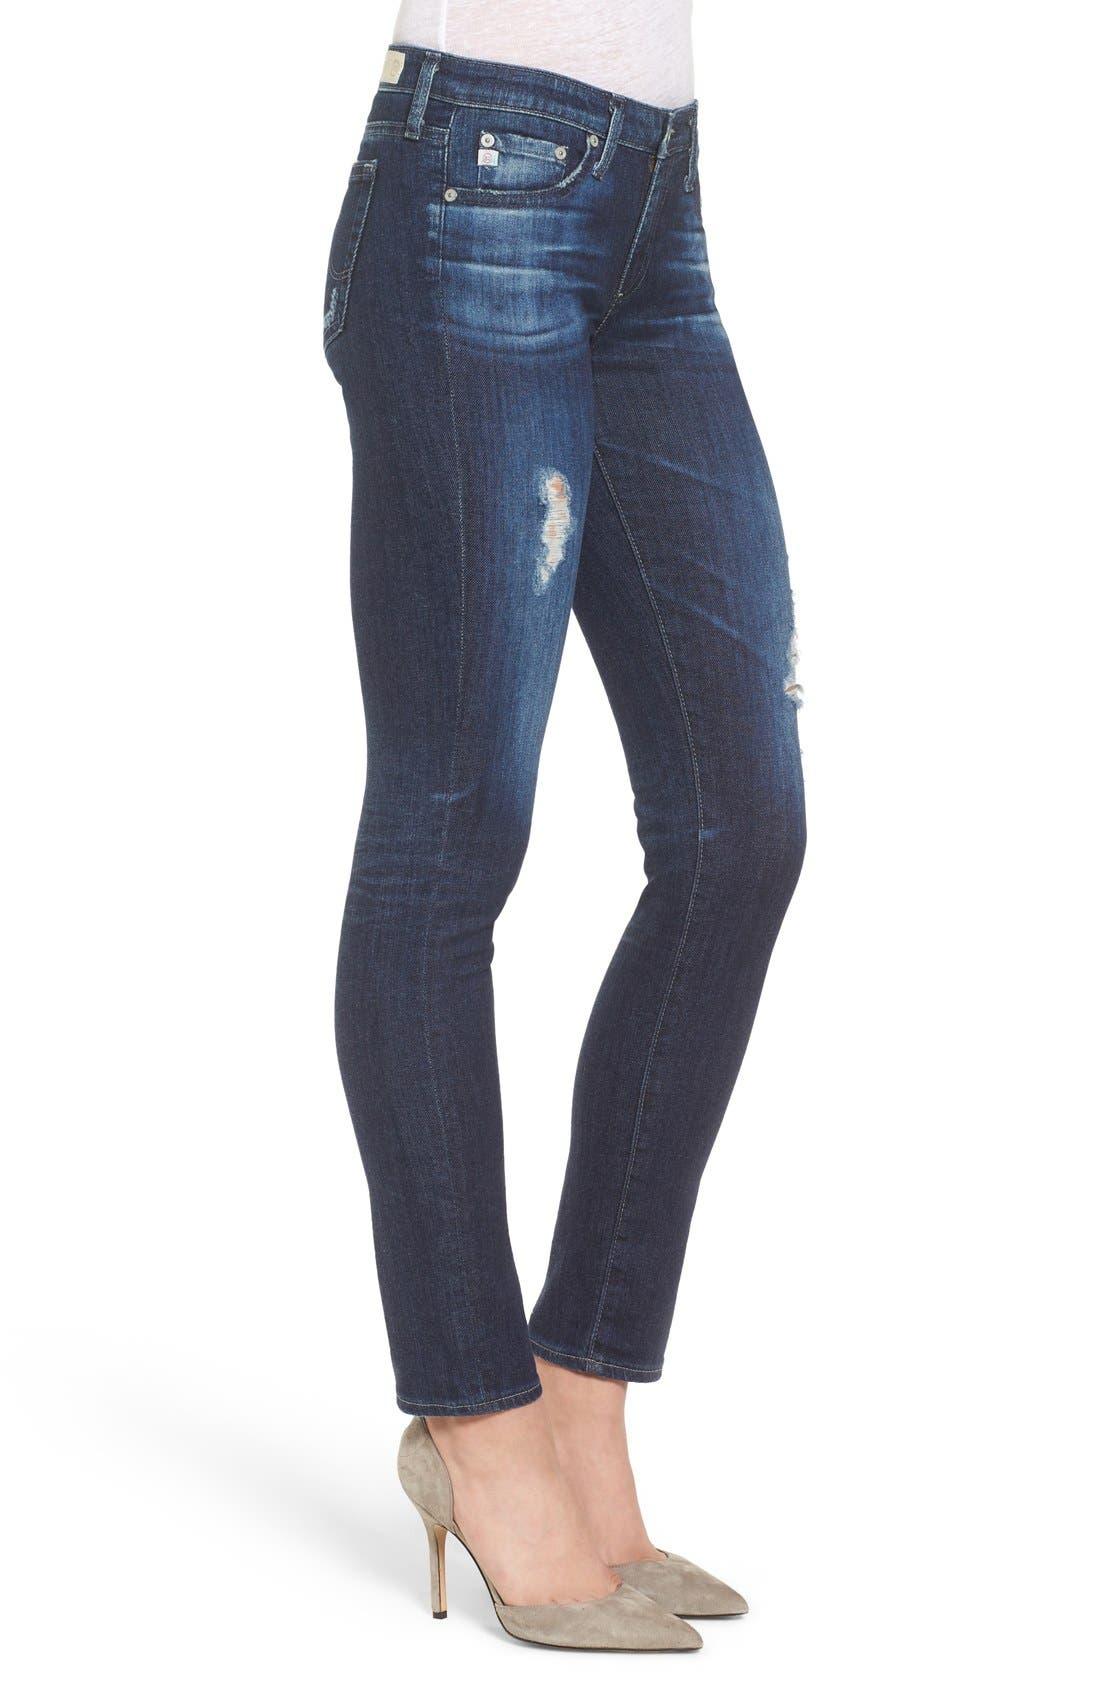 Alternate Image 3  - AG 'The Stilt' Cigarette Leg Jeans (7 Year Ripped)